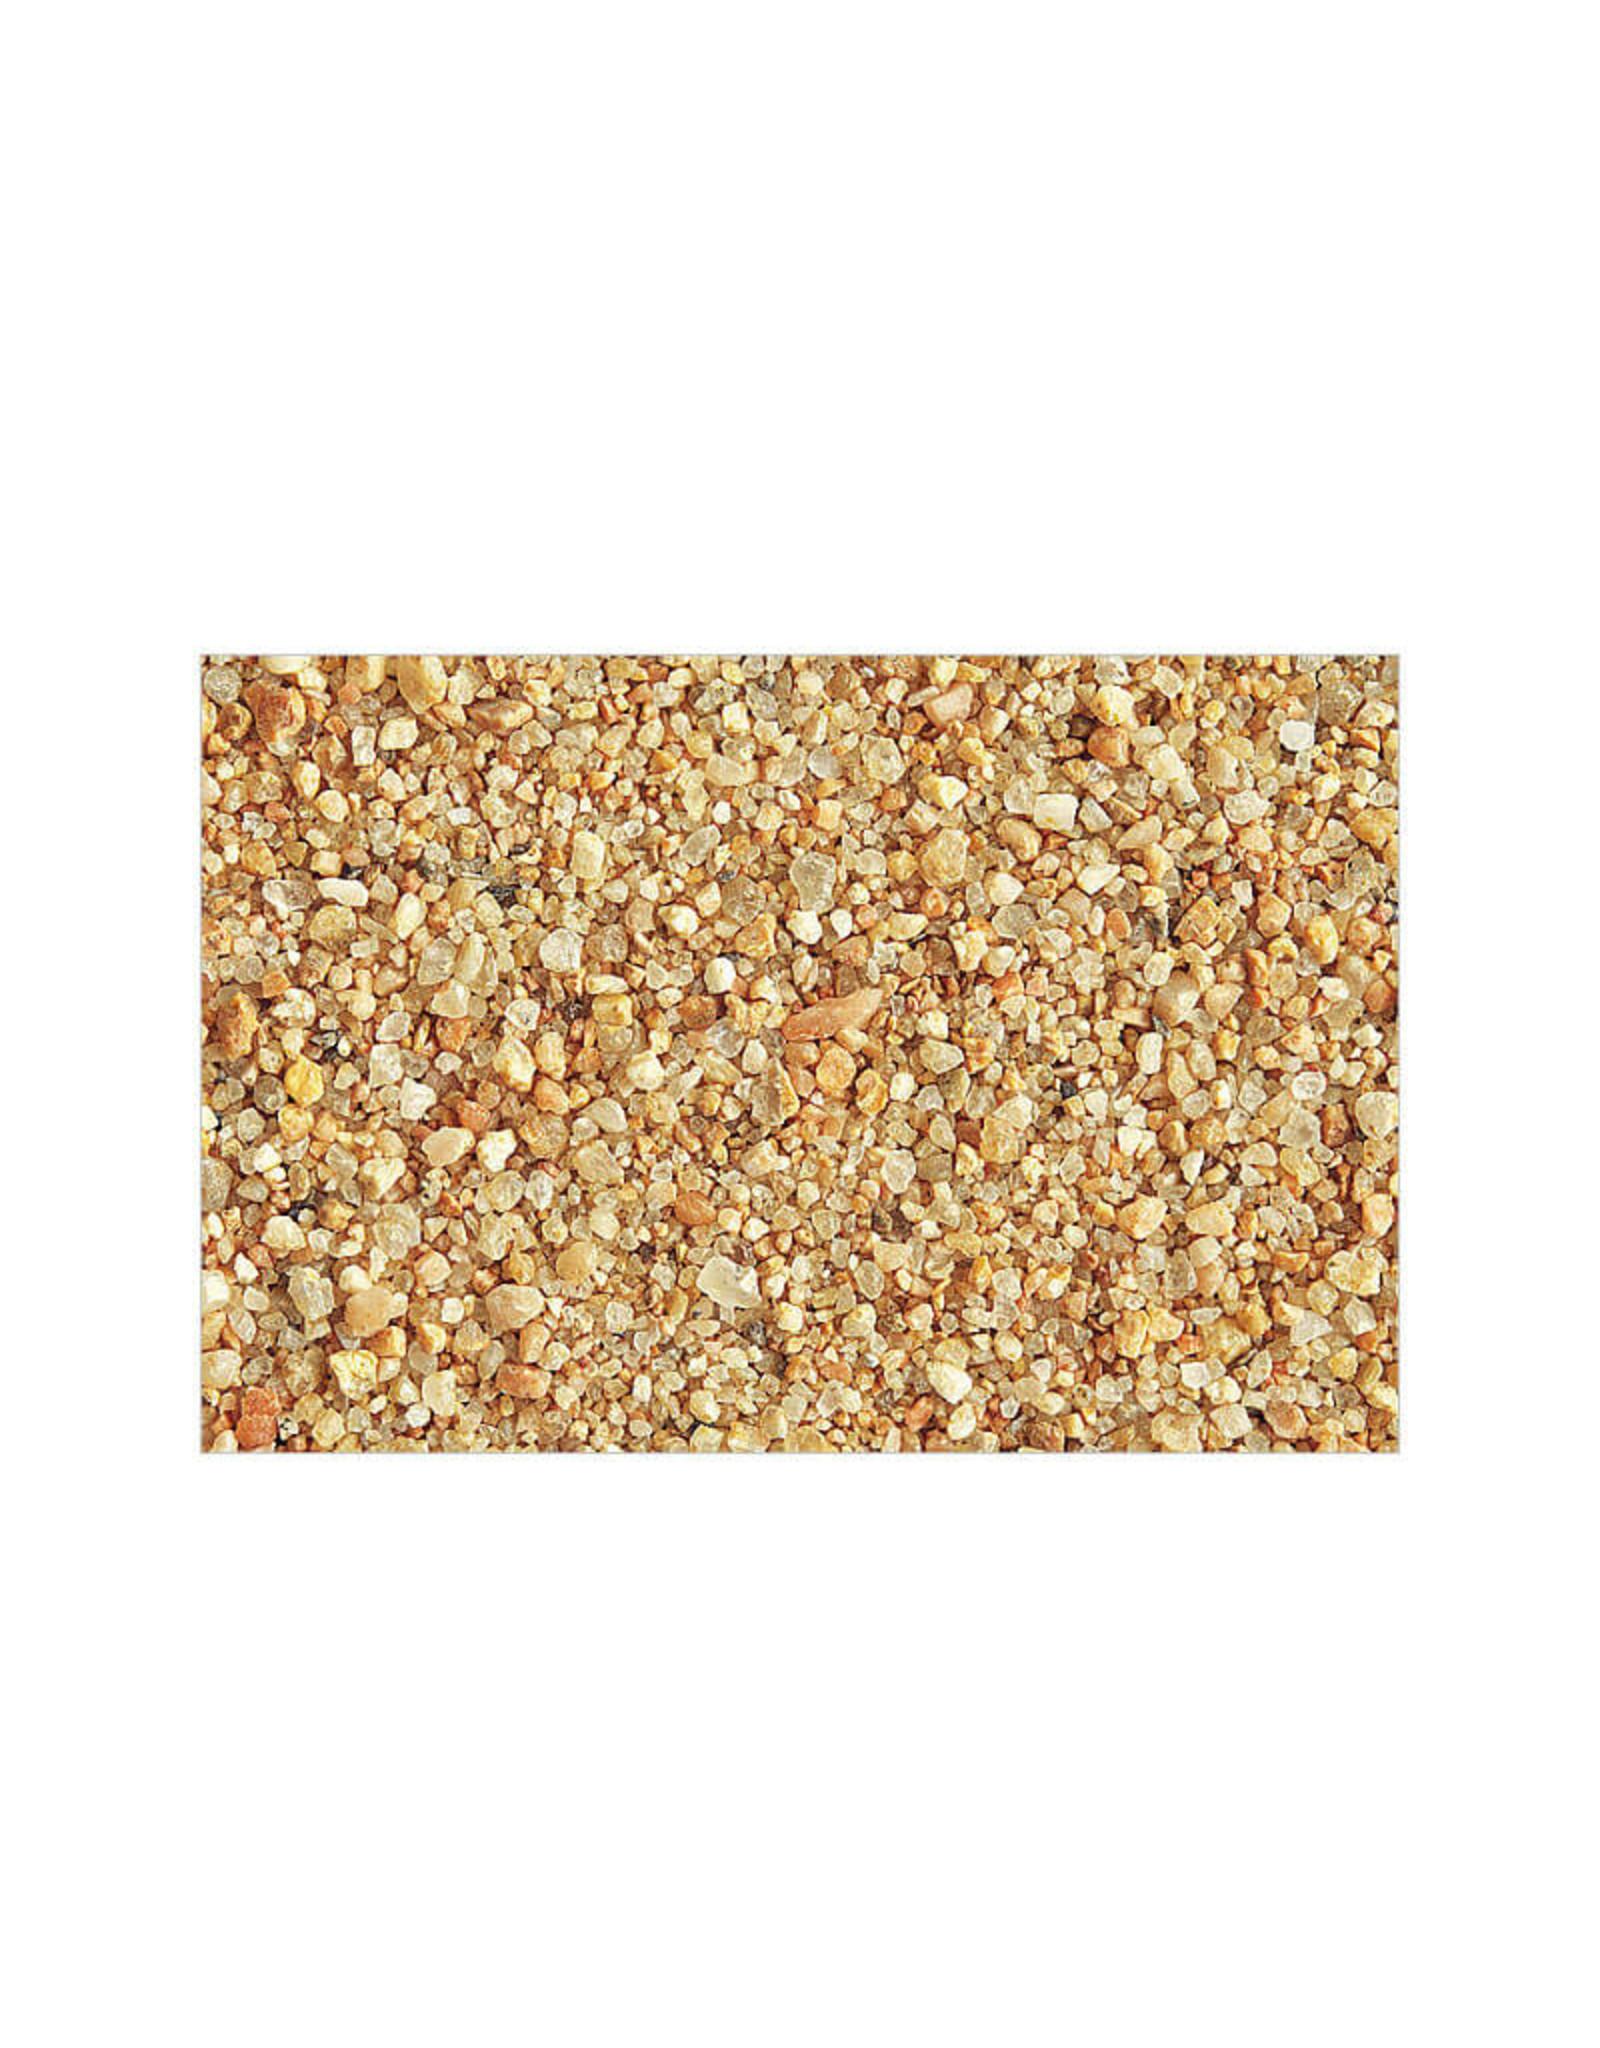 ADA Colorado Sand